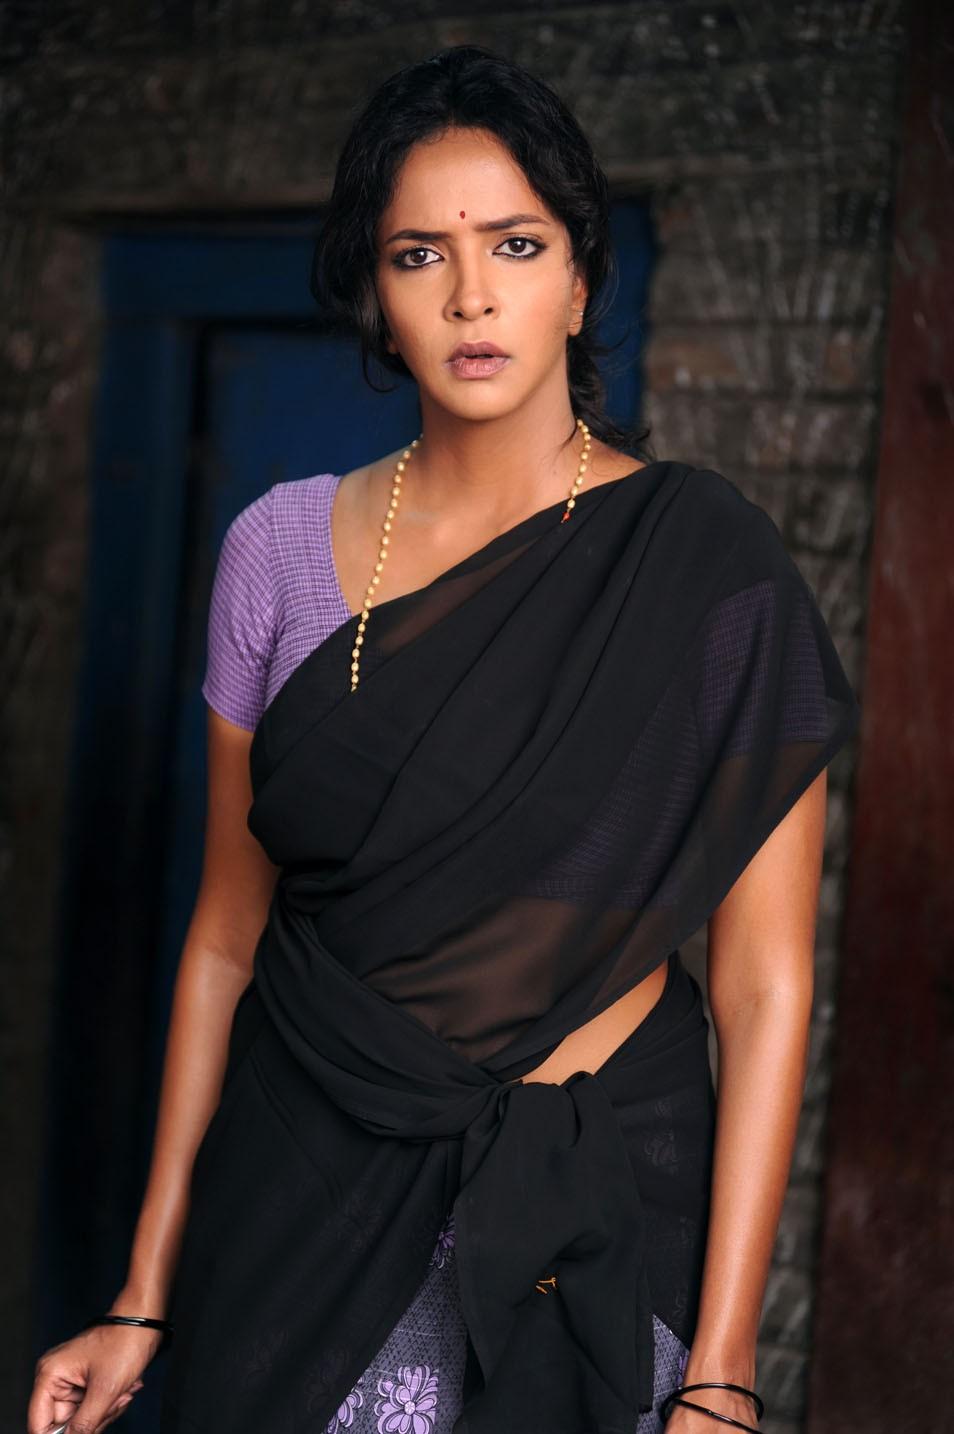 Lakshmi Manchu,actress Lakshmi Manchu,south indian actress Lakshmi Manchu,Lakshmi Manchu pics,manchu lakshmi,telugu actresss,Lakshmi Manchu latetst pics,Lakshmi Manchu latest photos